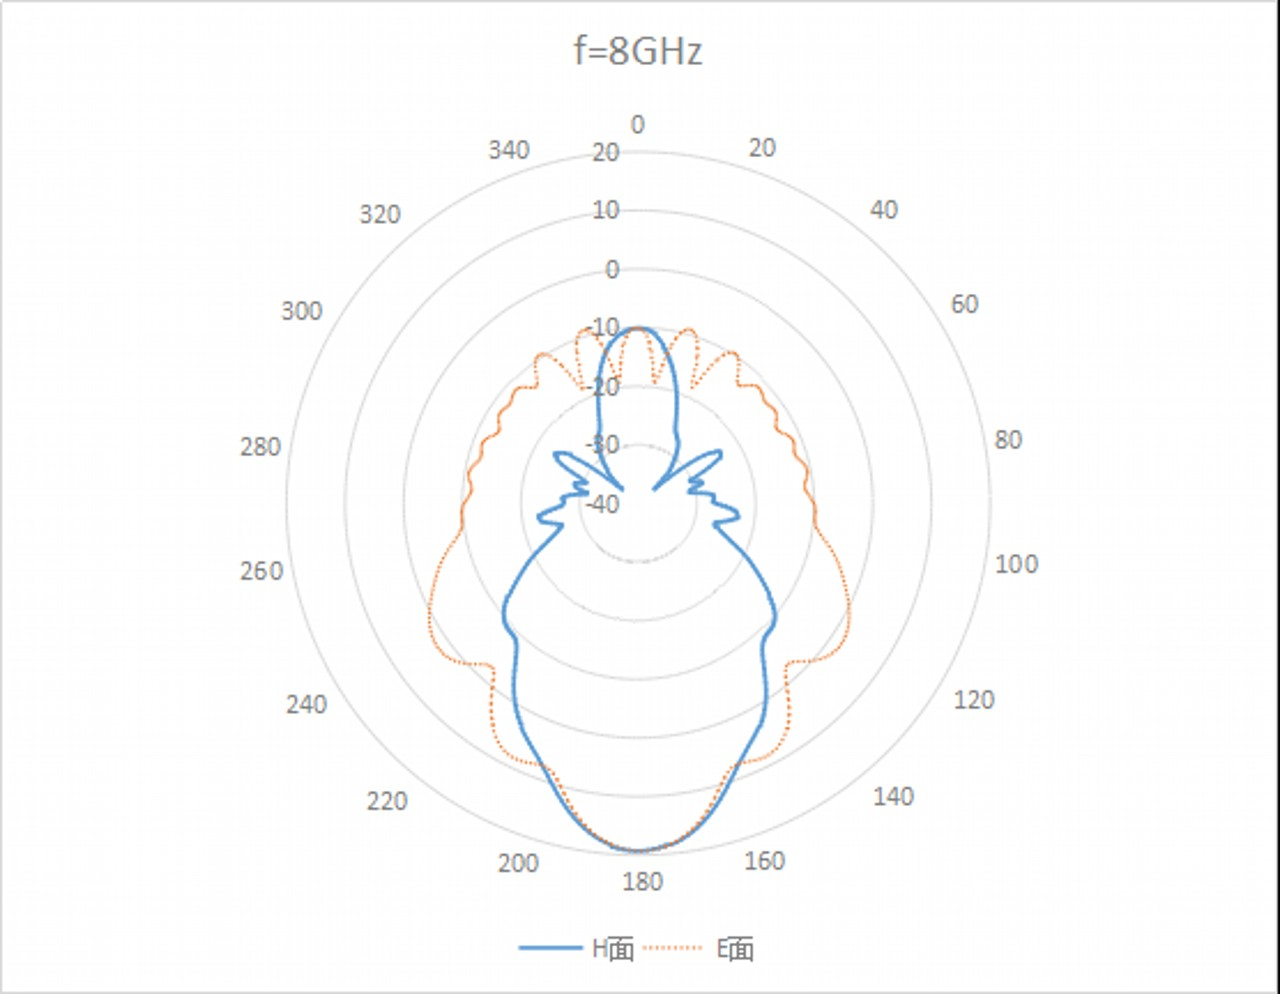 WR-137 Waveguide - 5.9GHz - 8.2GHz - Standard Gain Horn Antenna 2